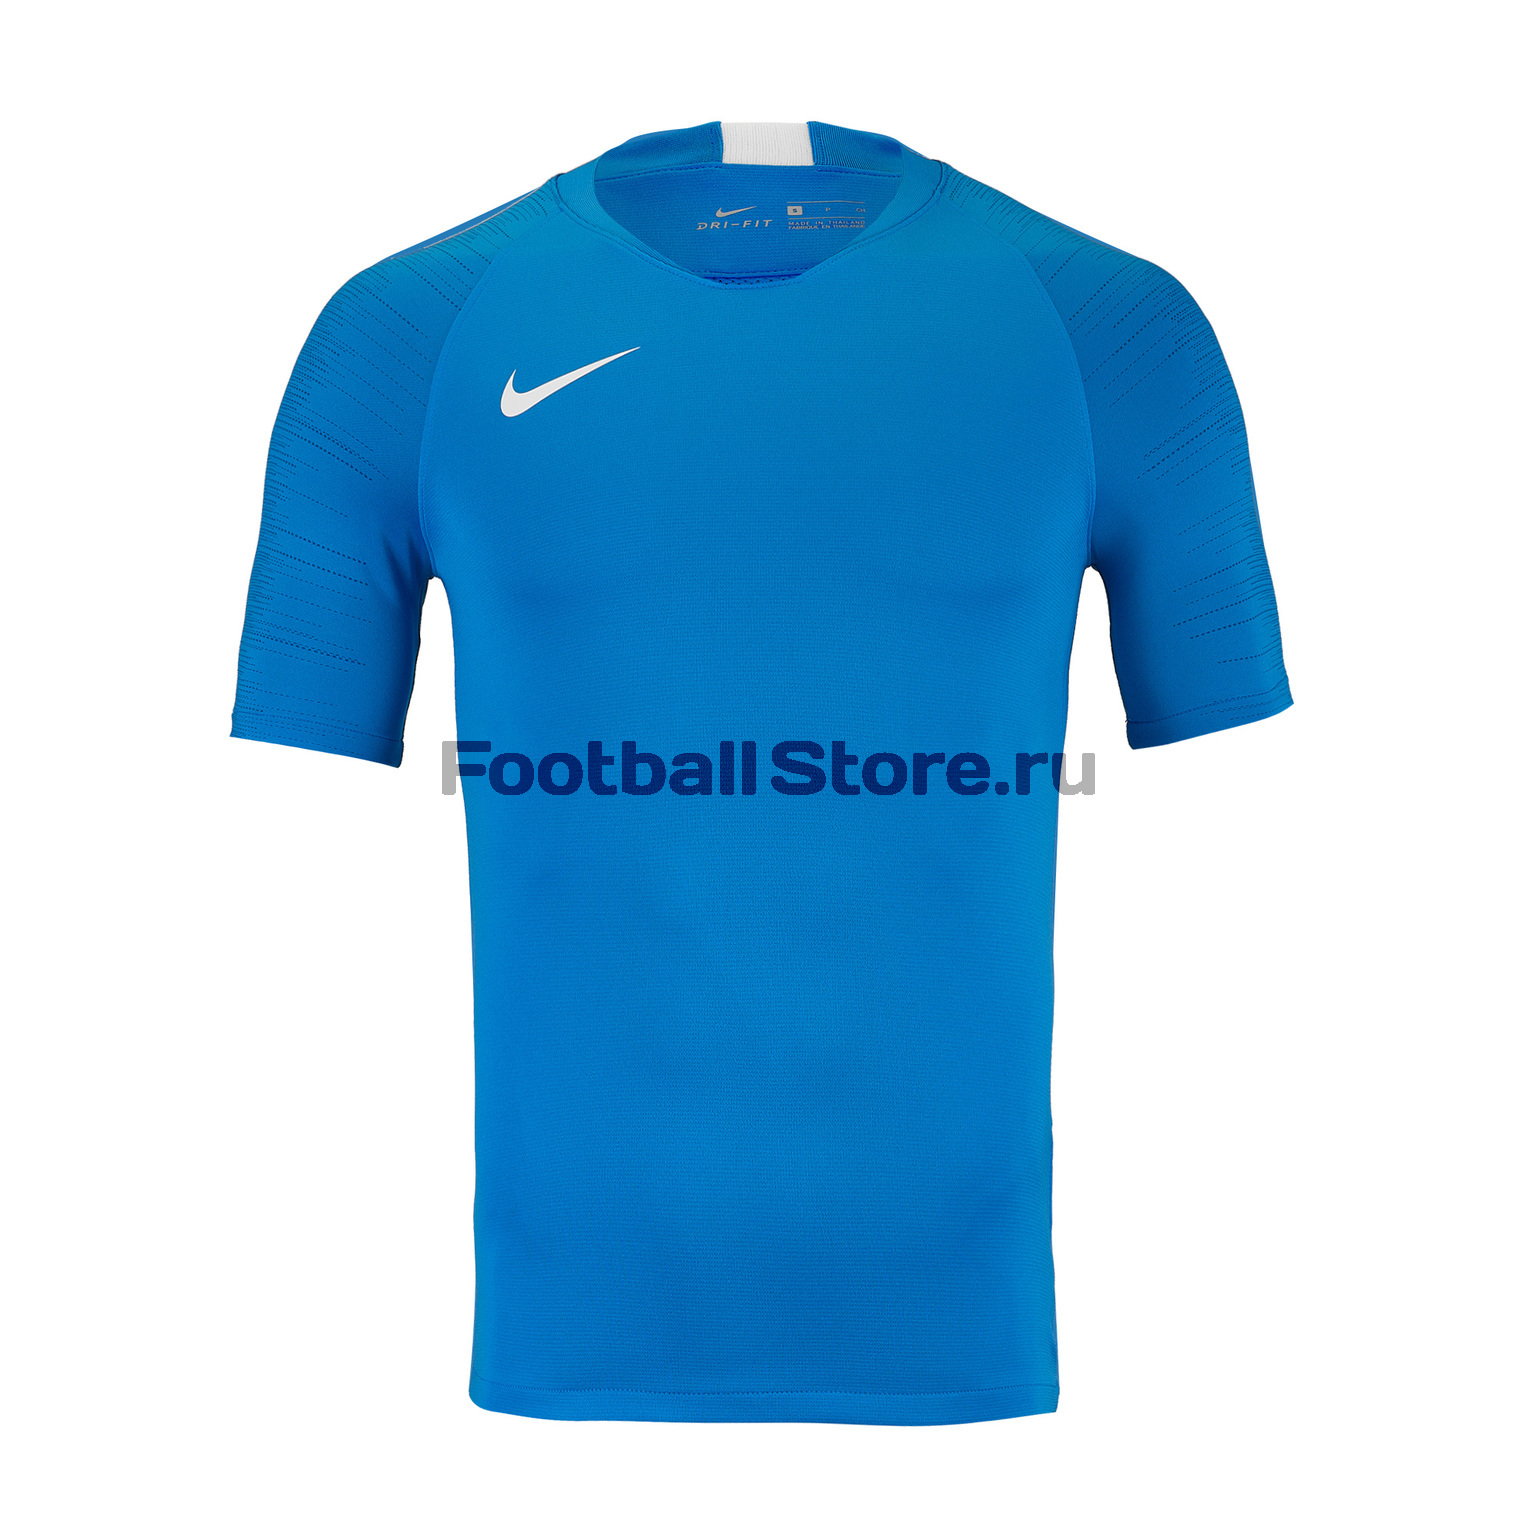 Футболка тренировочная Nike Strike Top AT5870-435 футболка тренировочная nike strike top at5870 010